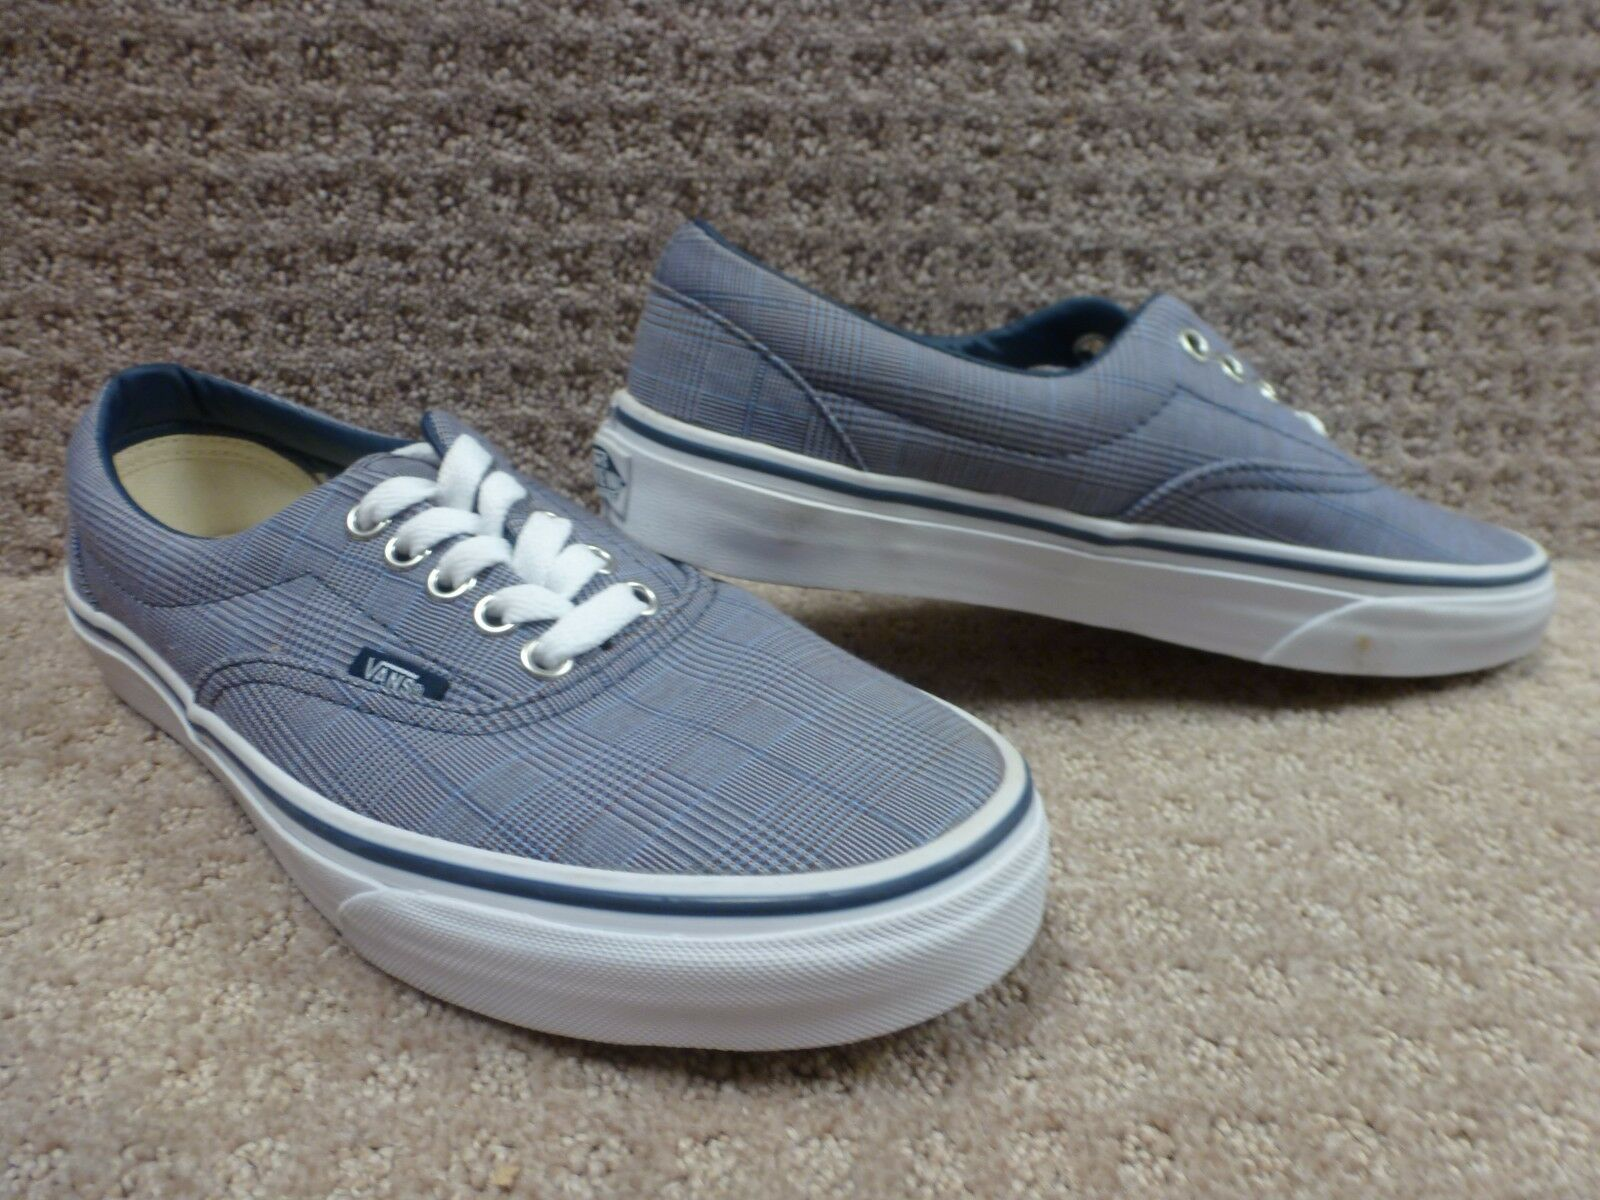 Vans Men's shoes Era -- (ScillaPlaid)DrssBl TrWht , Size 7